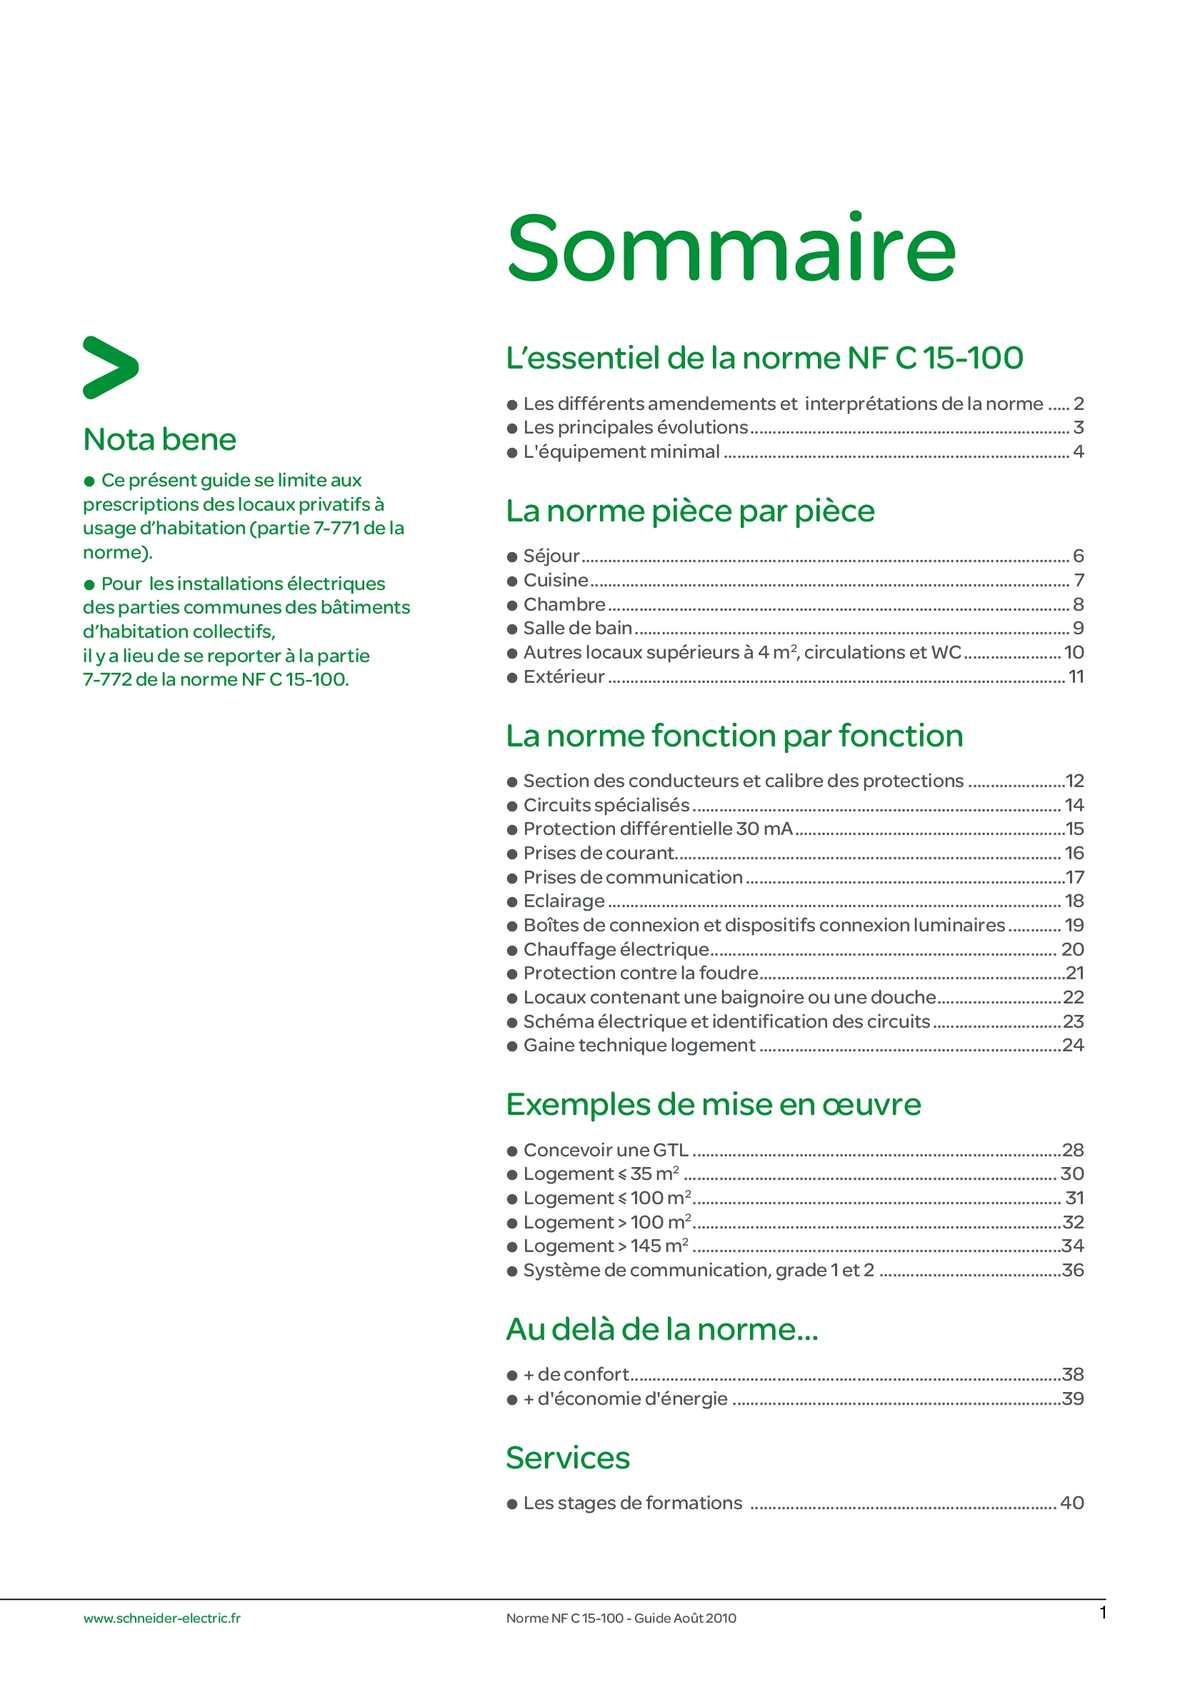 NFC SCHNEIDER TÉLÉCHARGER 15-100